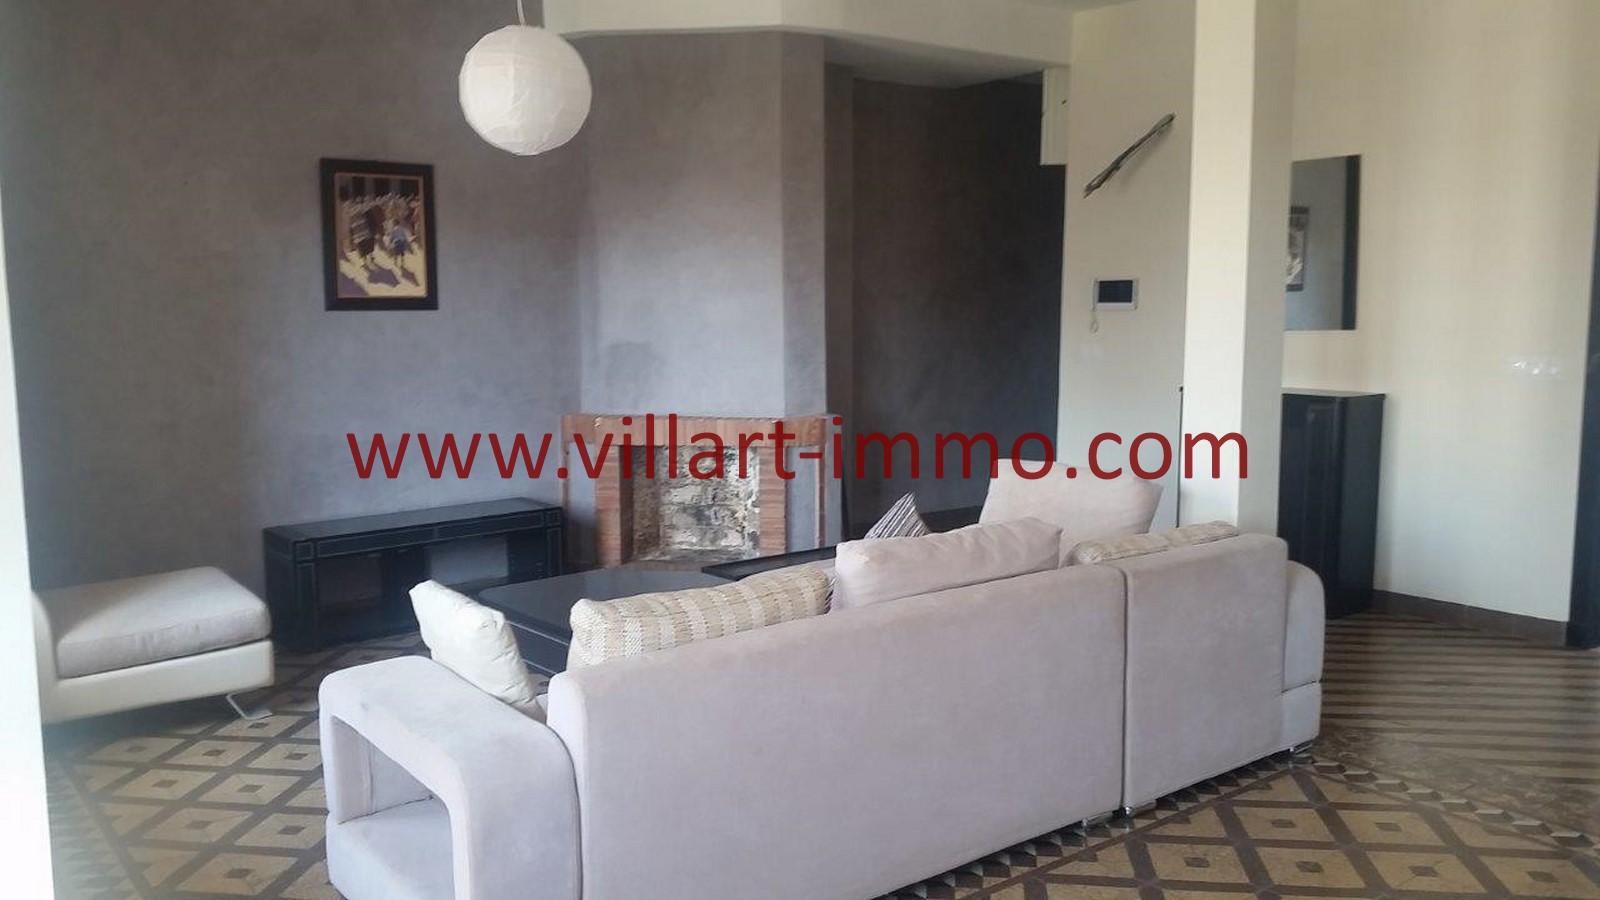 1-location-appartement-meuble-centre-ville-tanger-salon-l966-villart-immo